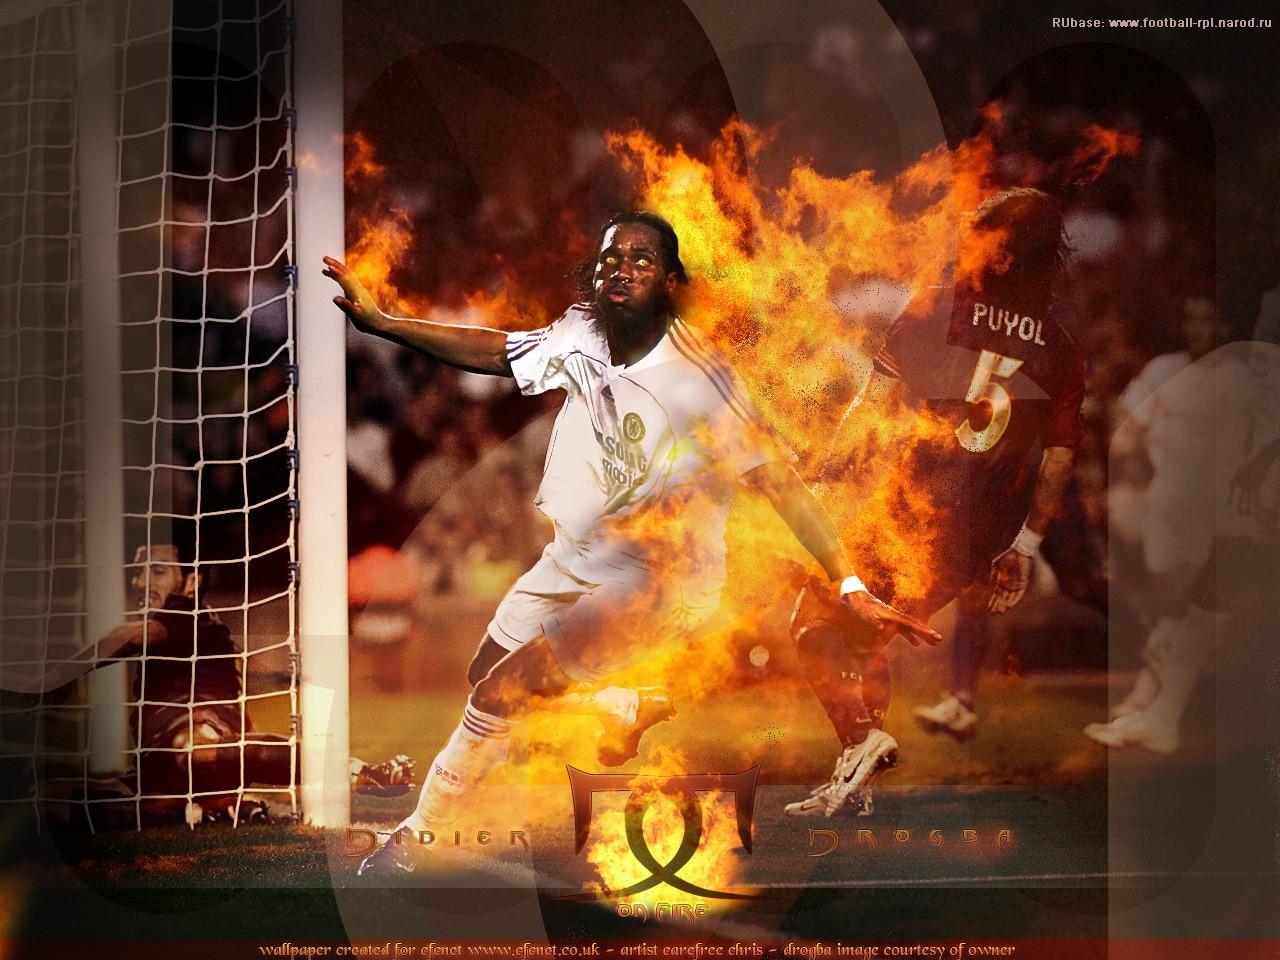 огонь, фото, обои для рабочего стола, футбол